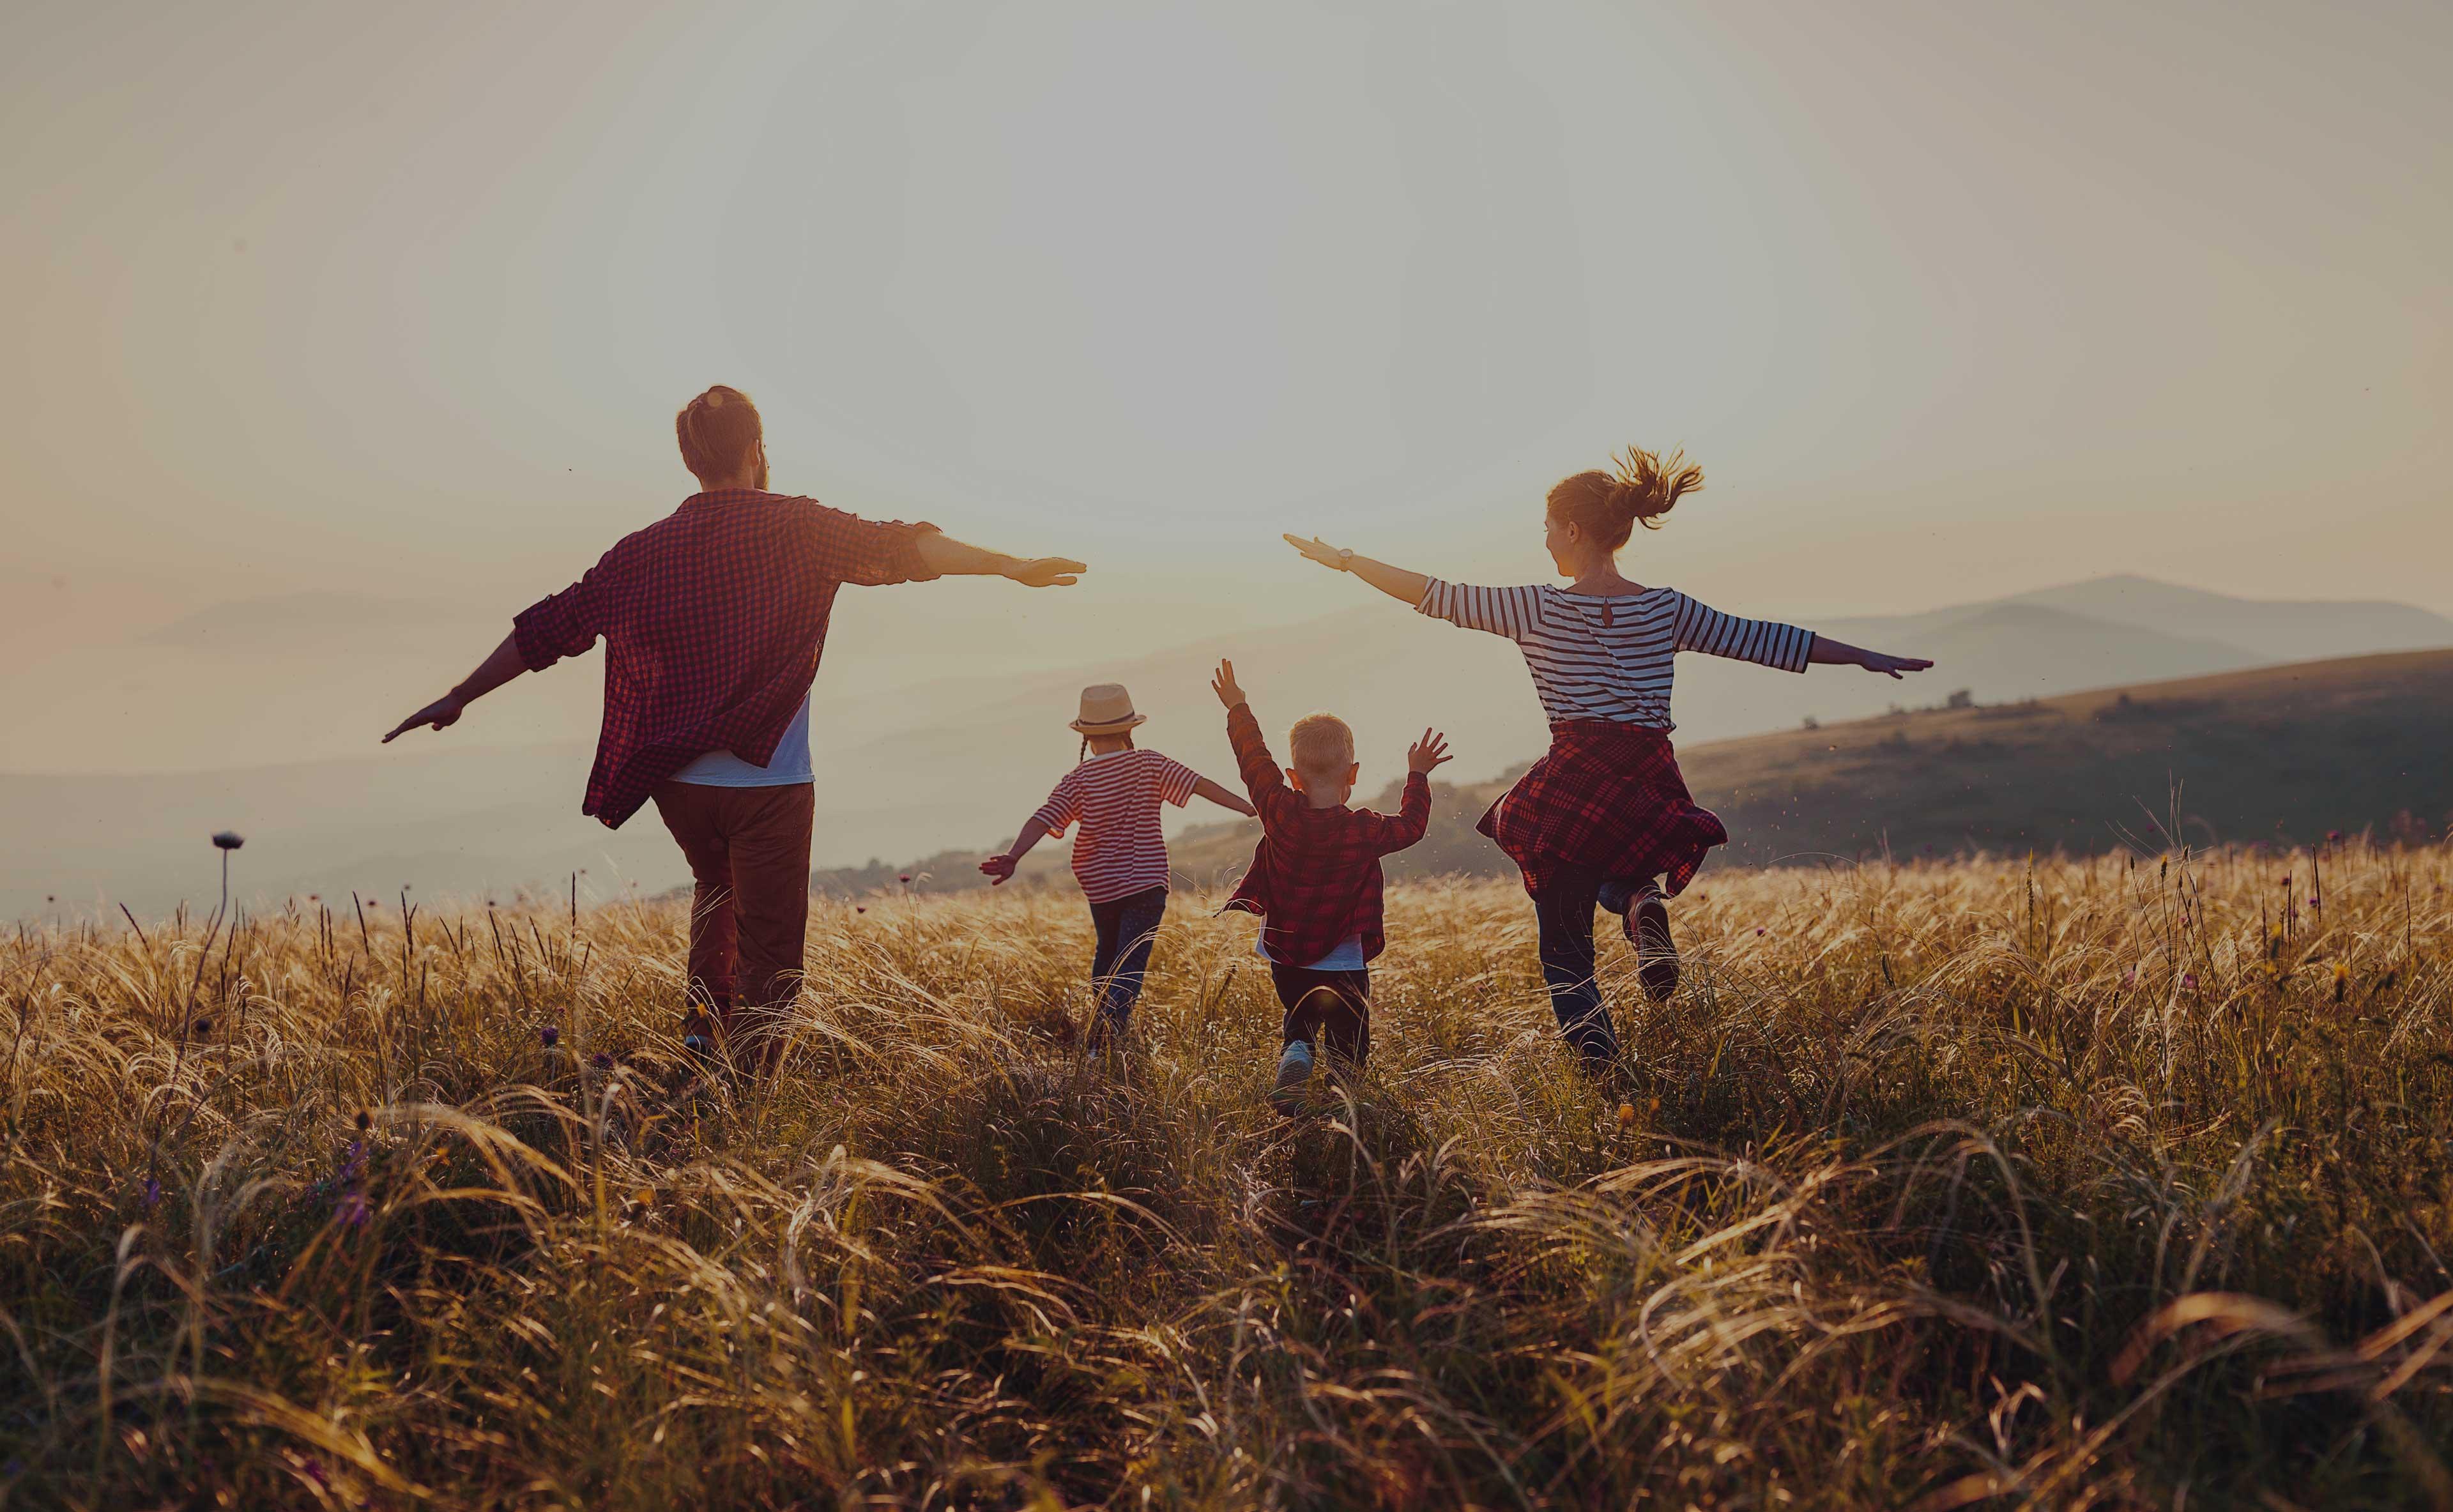 Familie laeuft mit ausgebreiteten Armen ueber Wiese